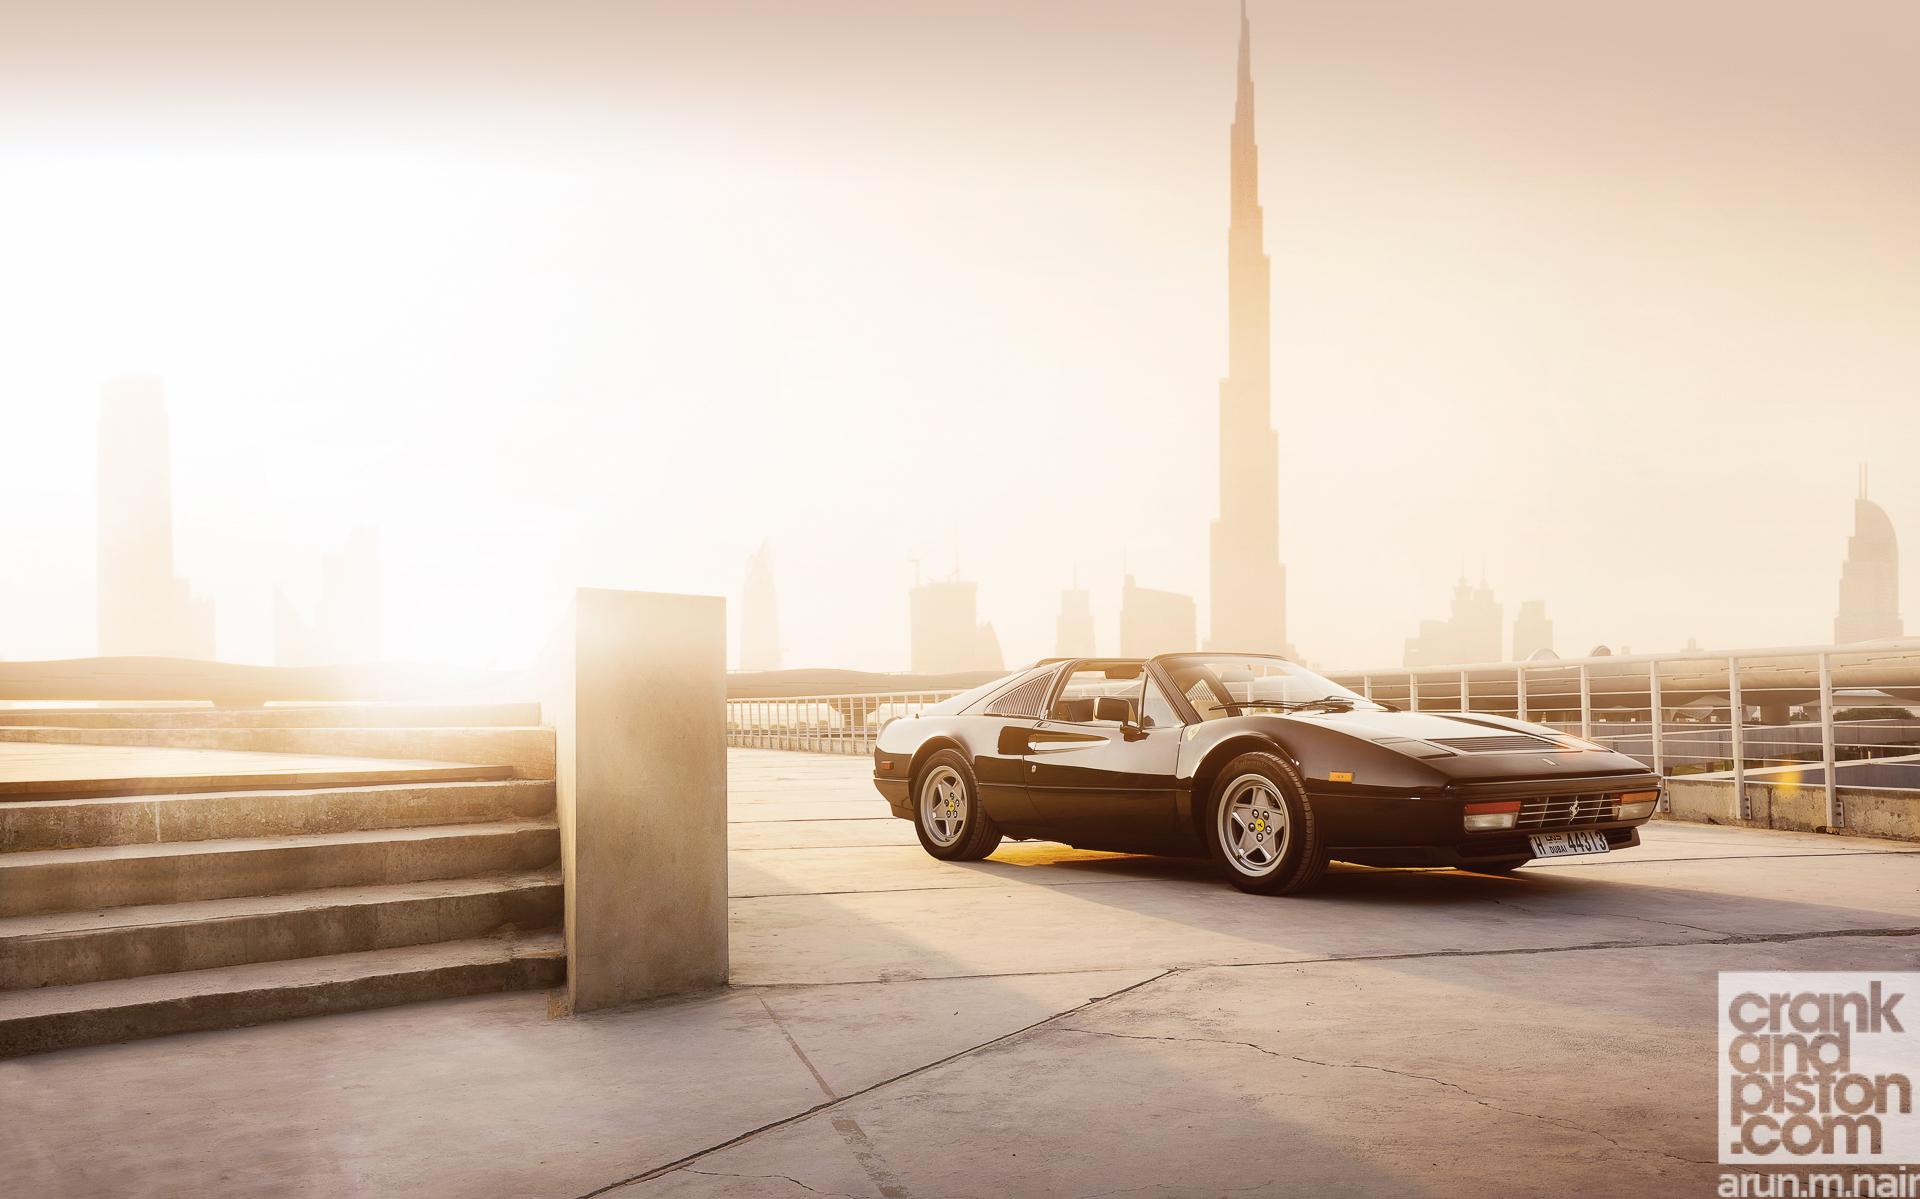 Ferrari 488 GTB meets Ferrari 328 GTS WALLPAPERS crankandpiston-12